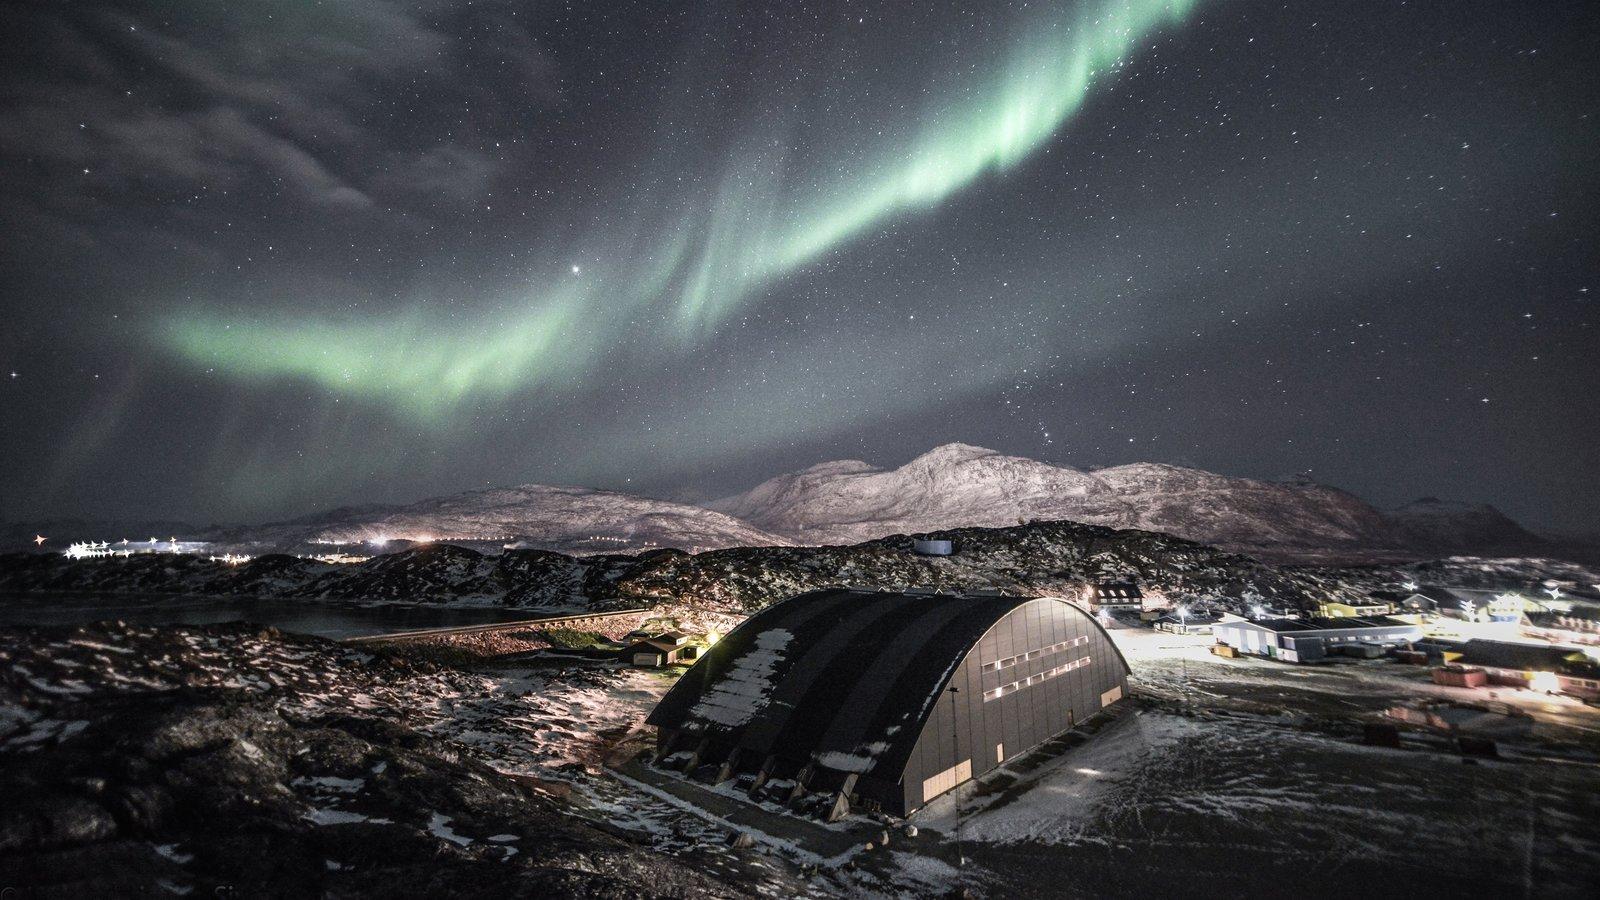 Nuuk ofreciendo nieve, una ciudad y montañas